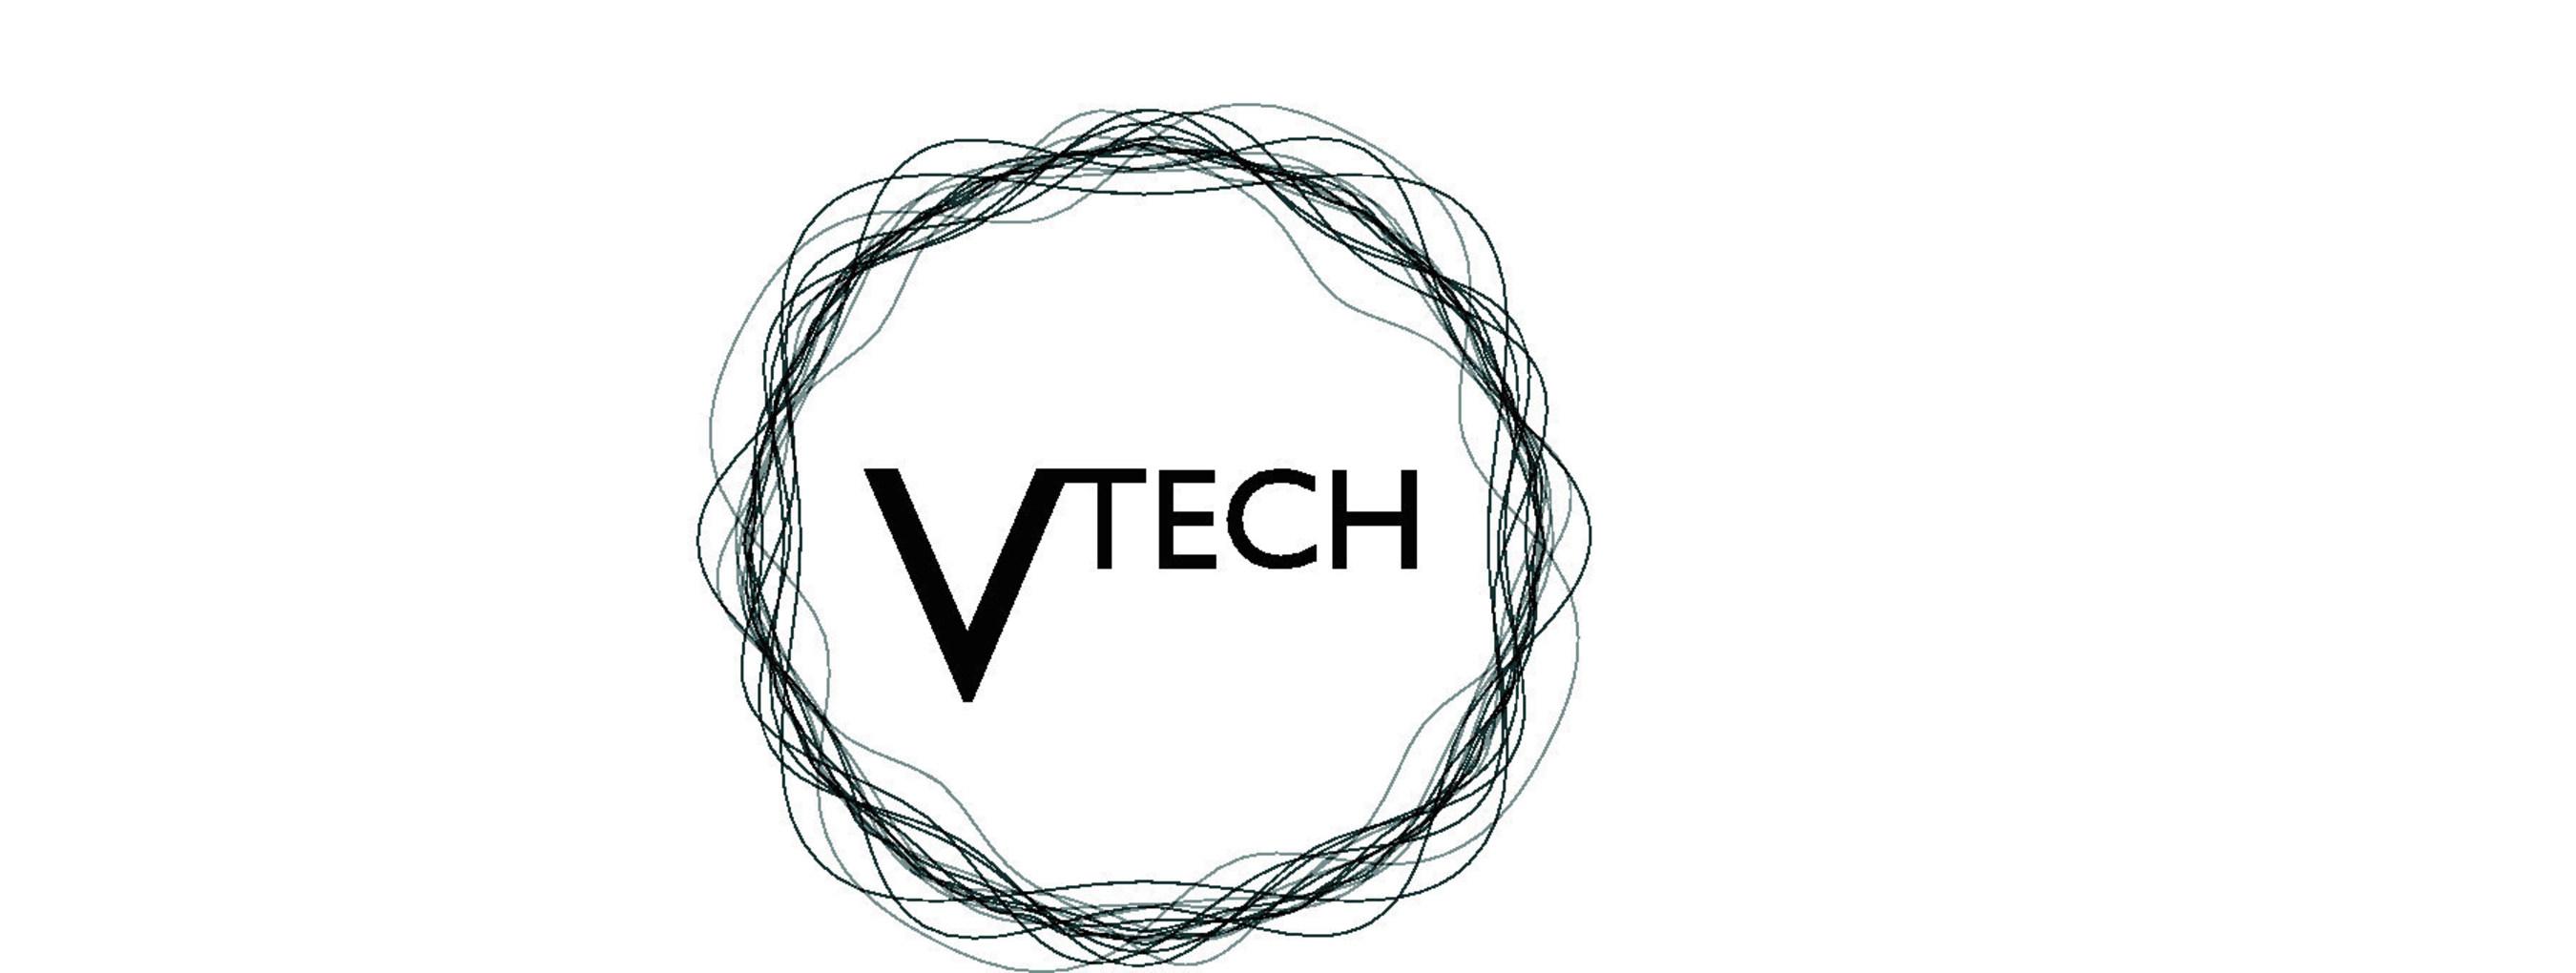 Leading VAR Villa-Tech And ADARA Partner